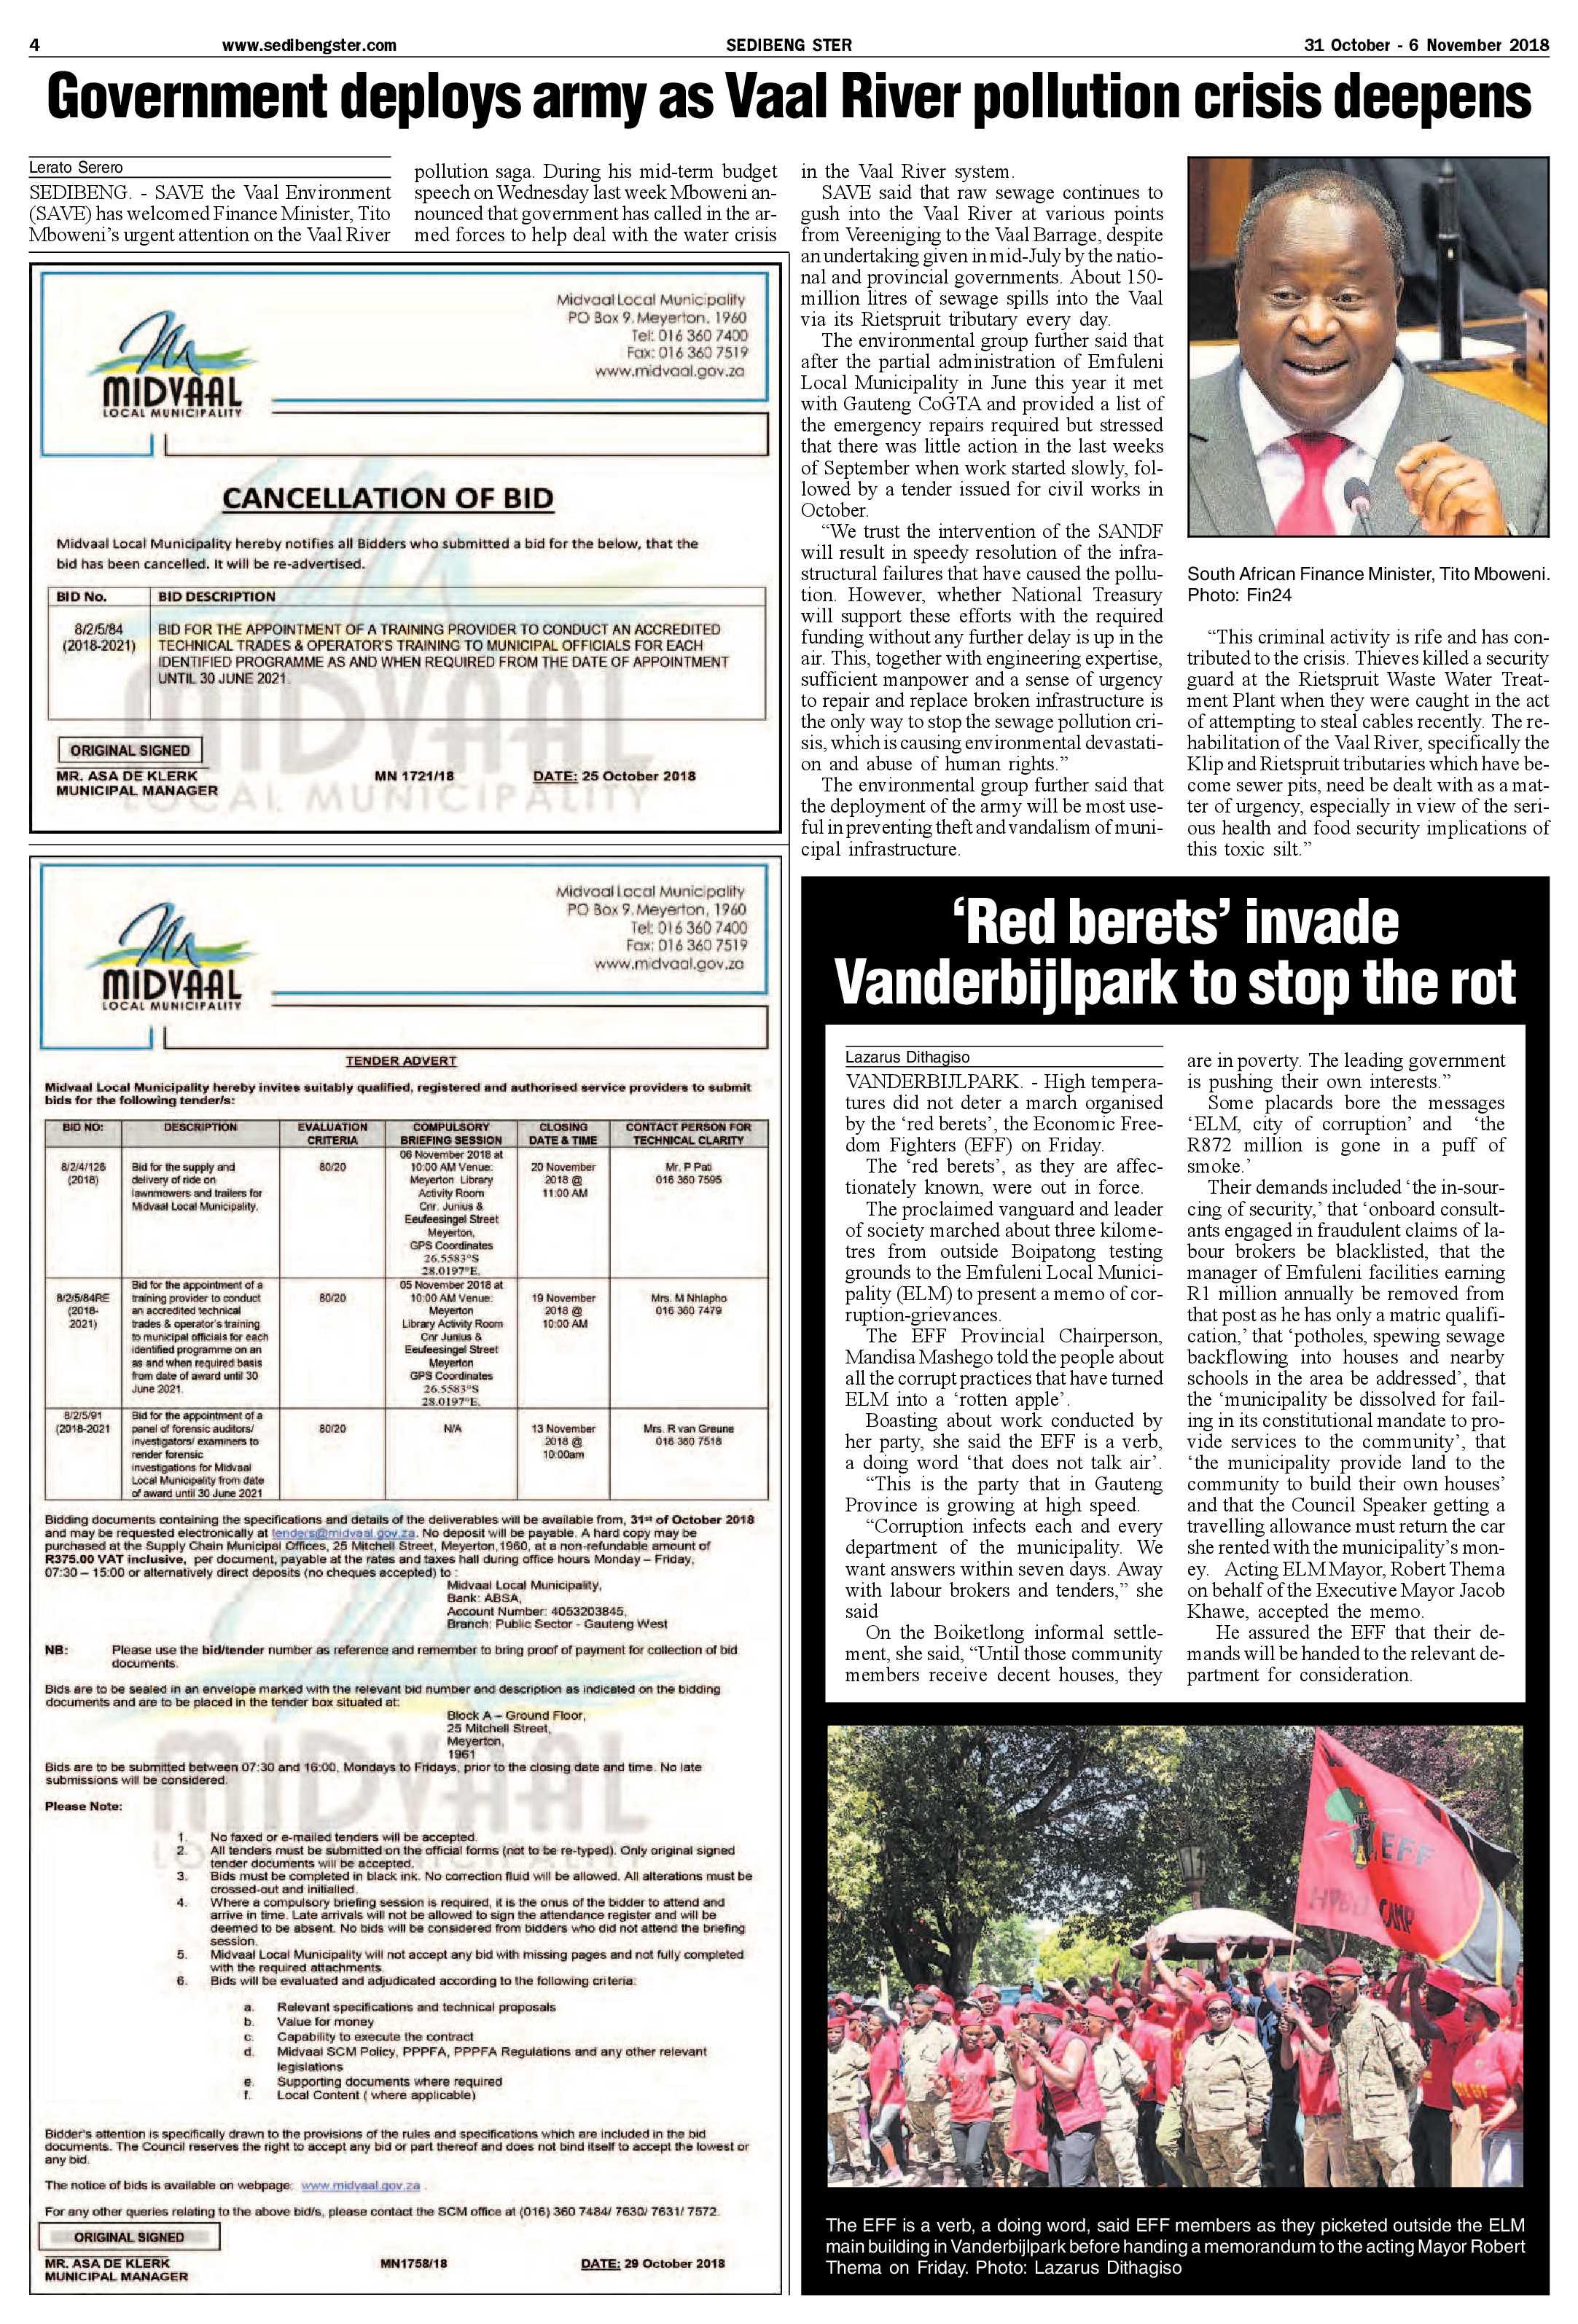 sedibeng-ster-31-october-6-november-2018-epapers-page-4